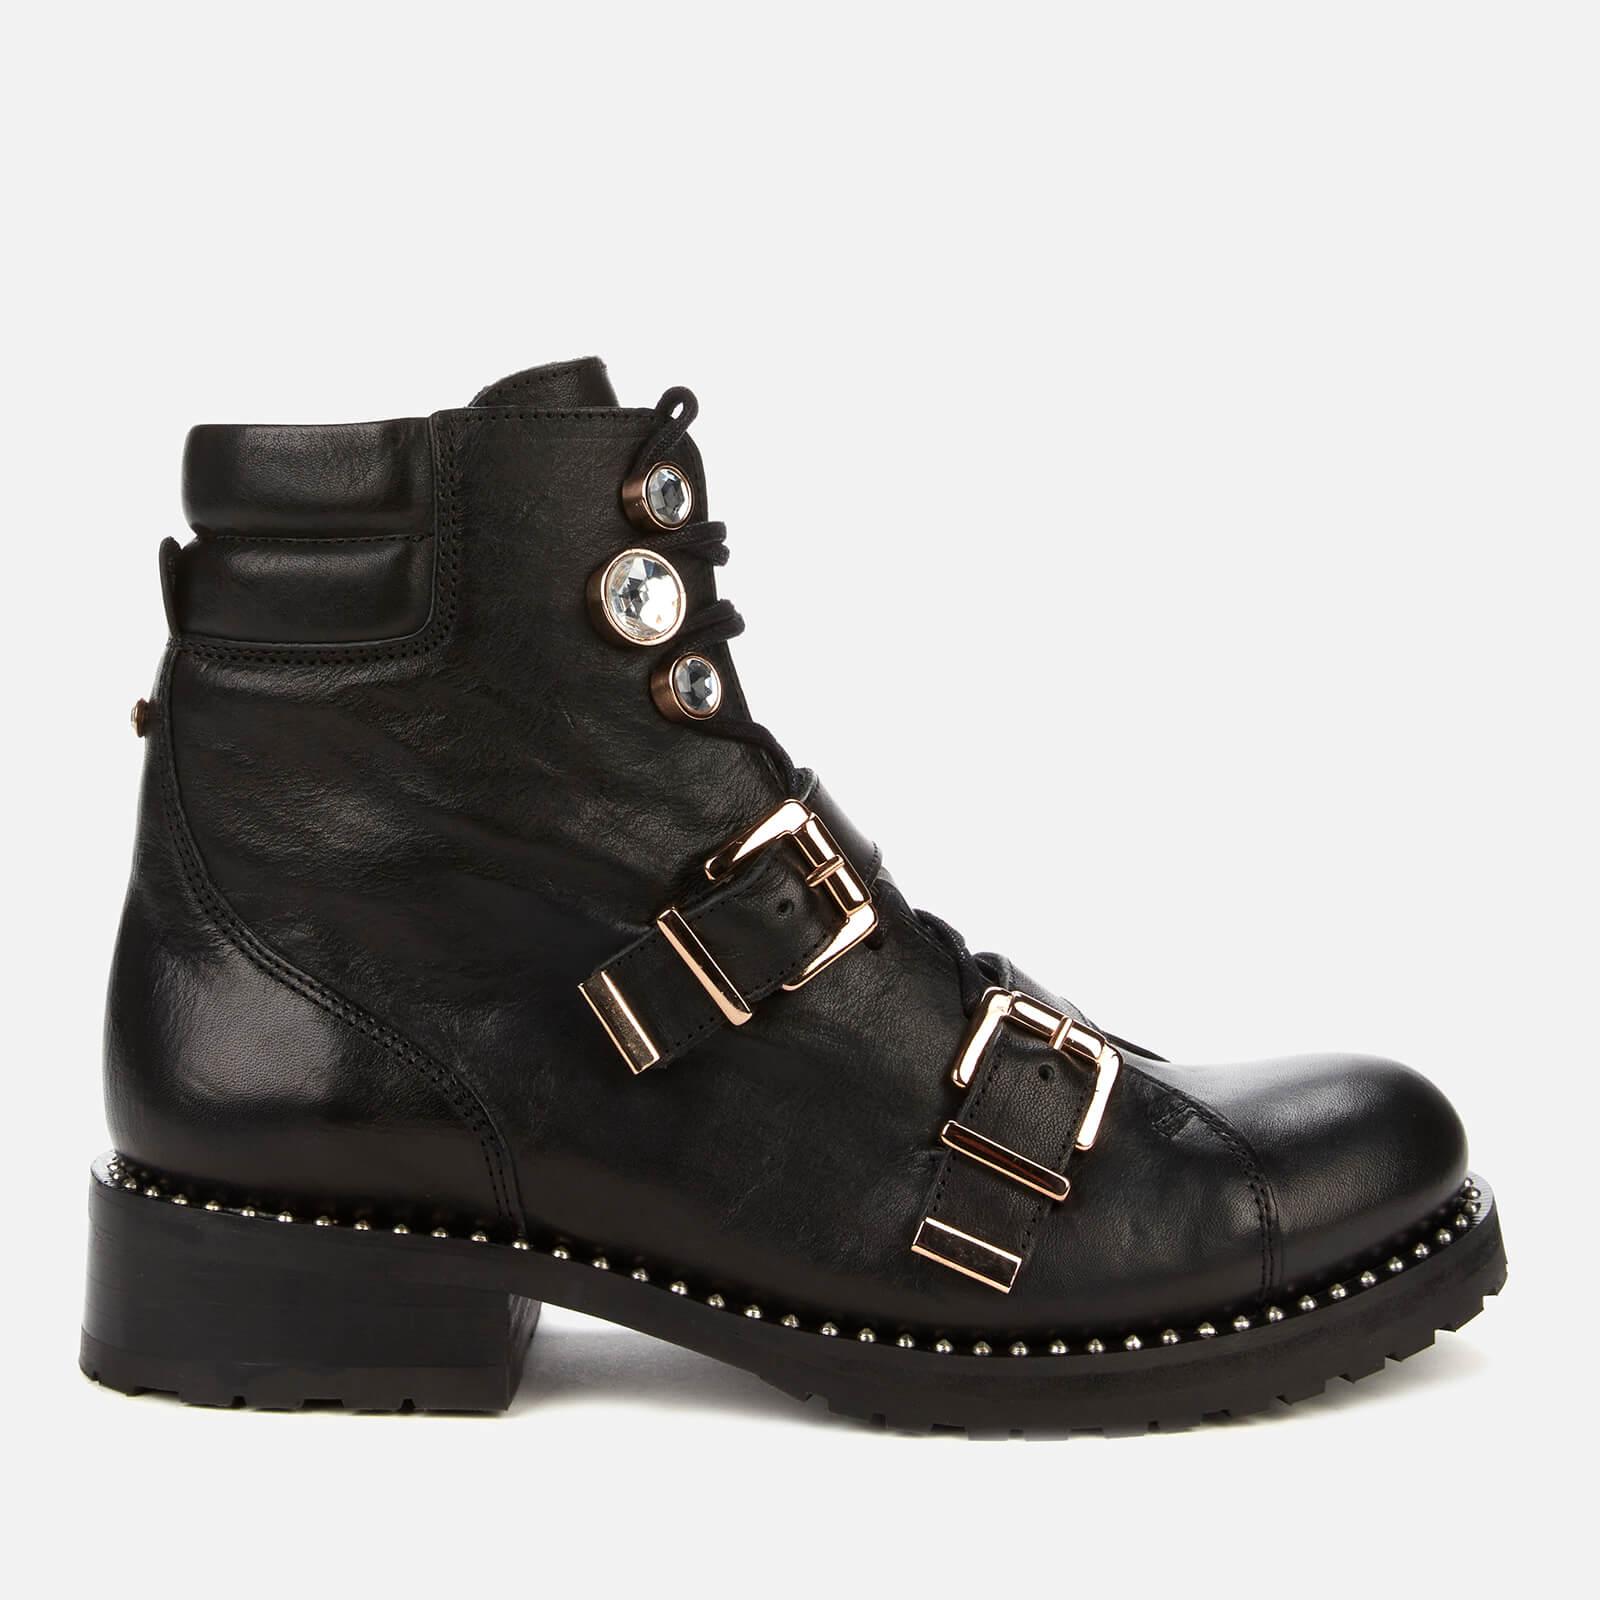 Sophia Webster Women's Ziggy Leather Biker Boots - Black - Uk 3